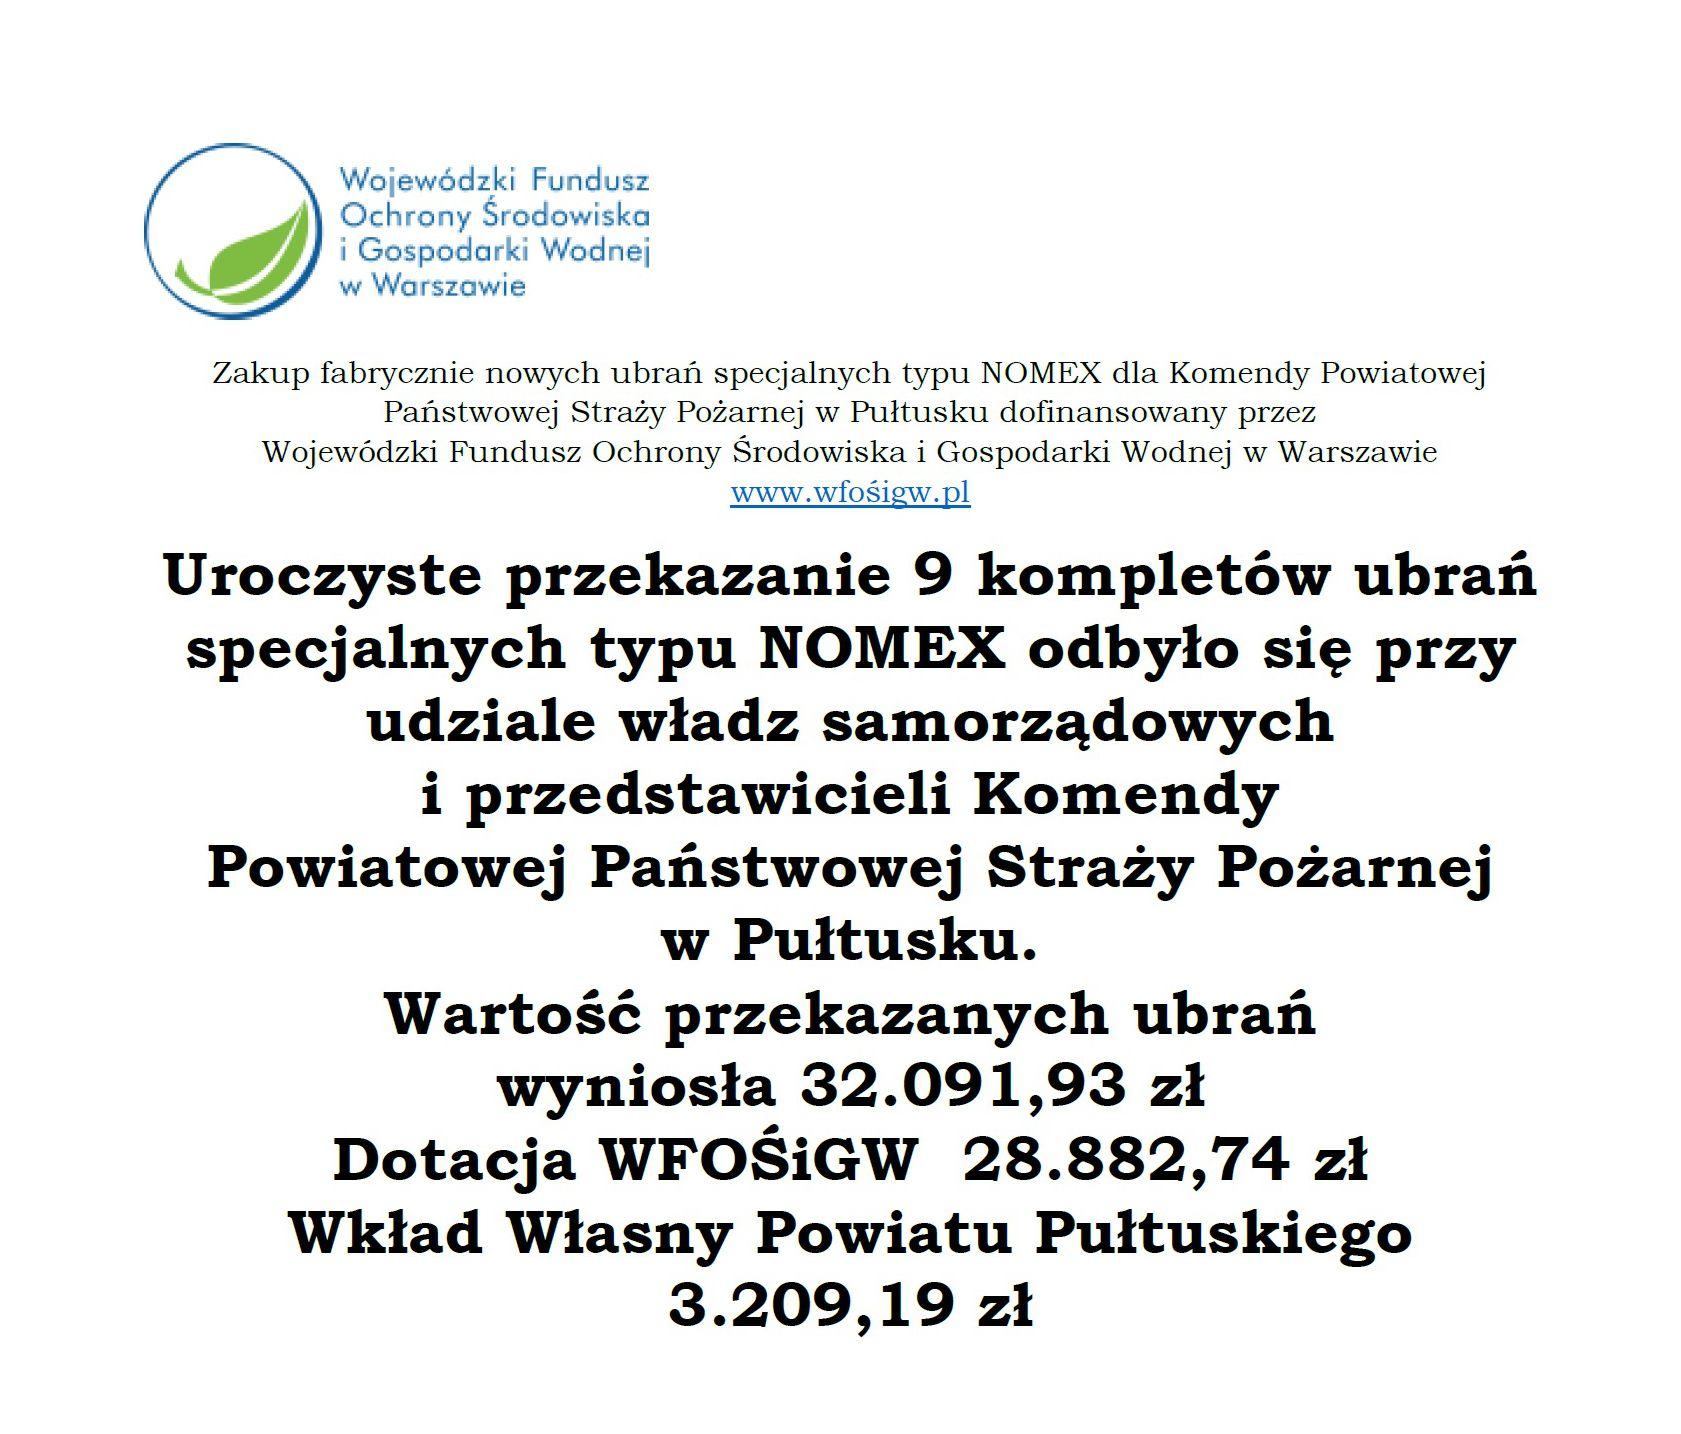 Przekazanie 9 kompletów ubrań specjalnych typu NOMEX